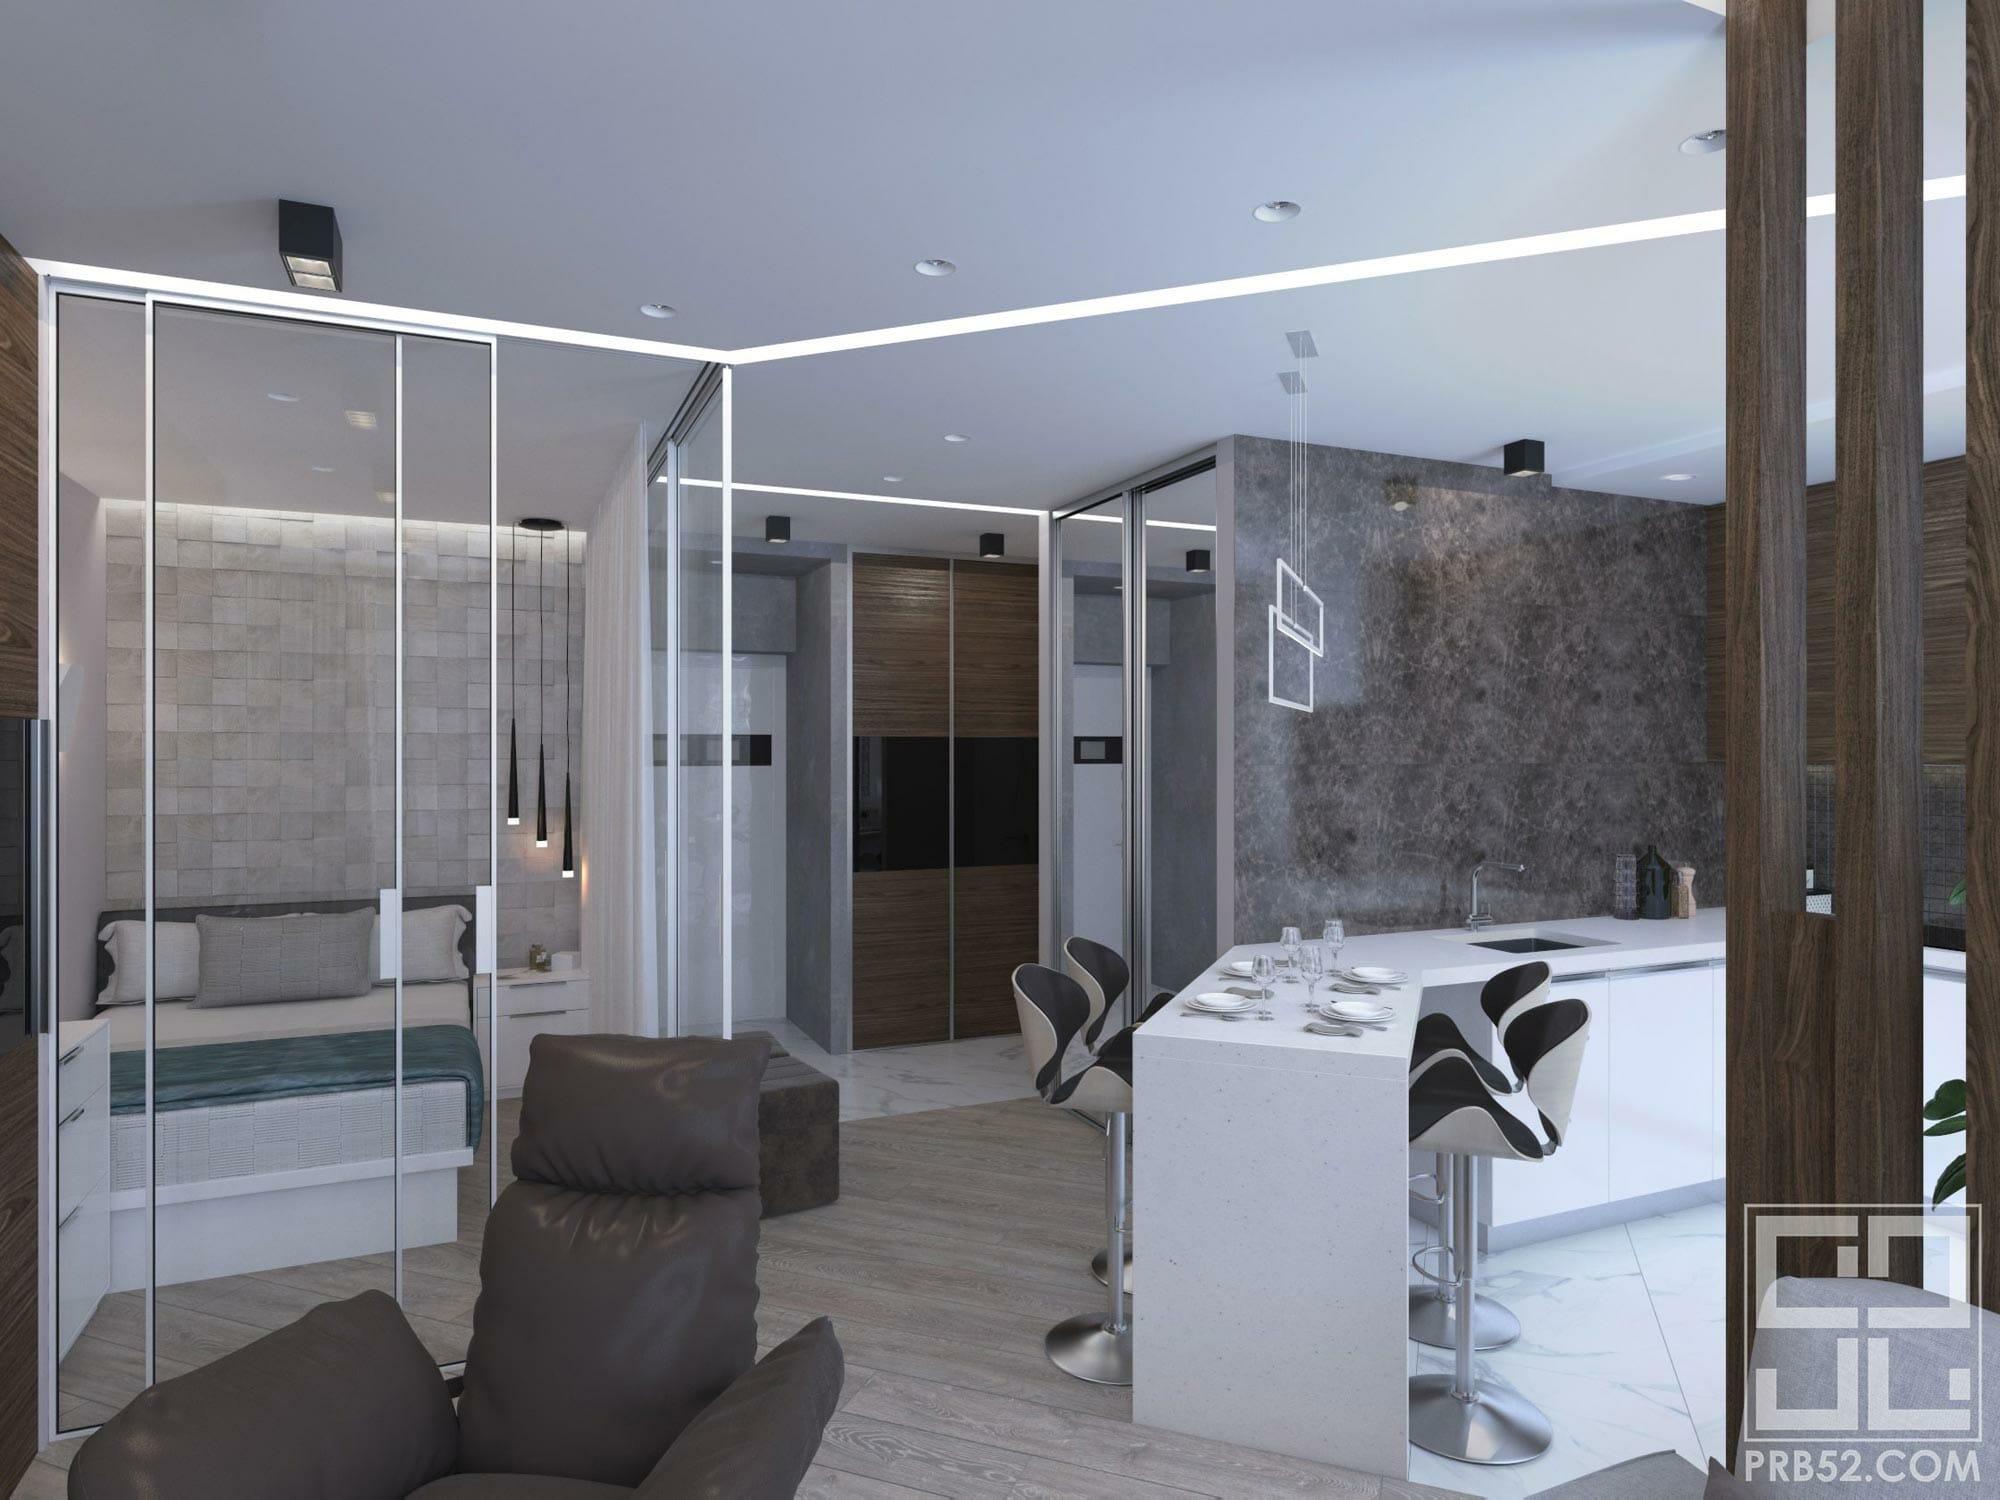 дизайн интерьера спальни в студии